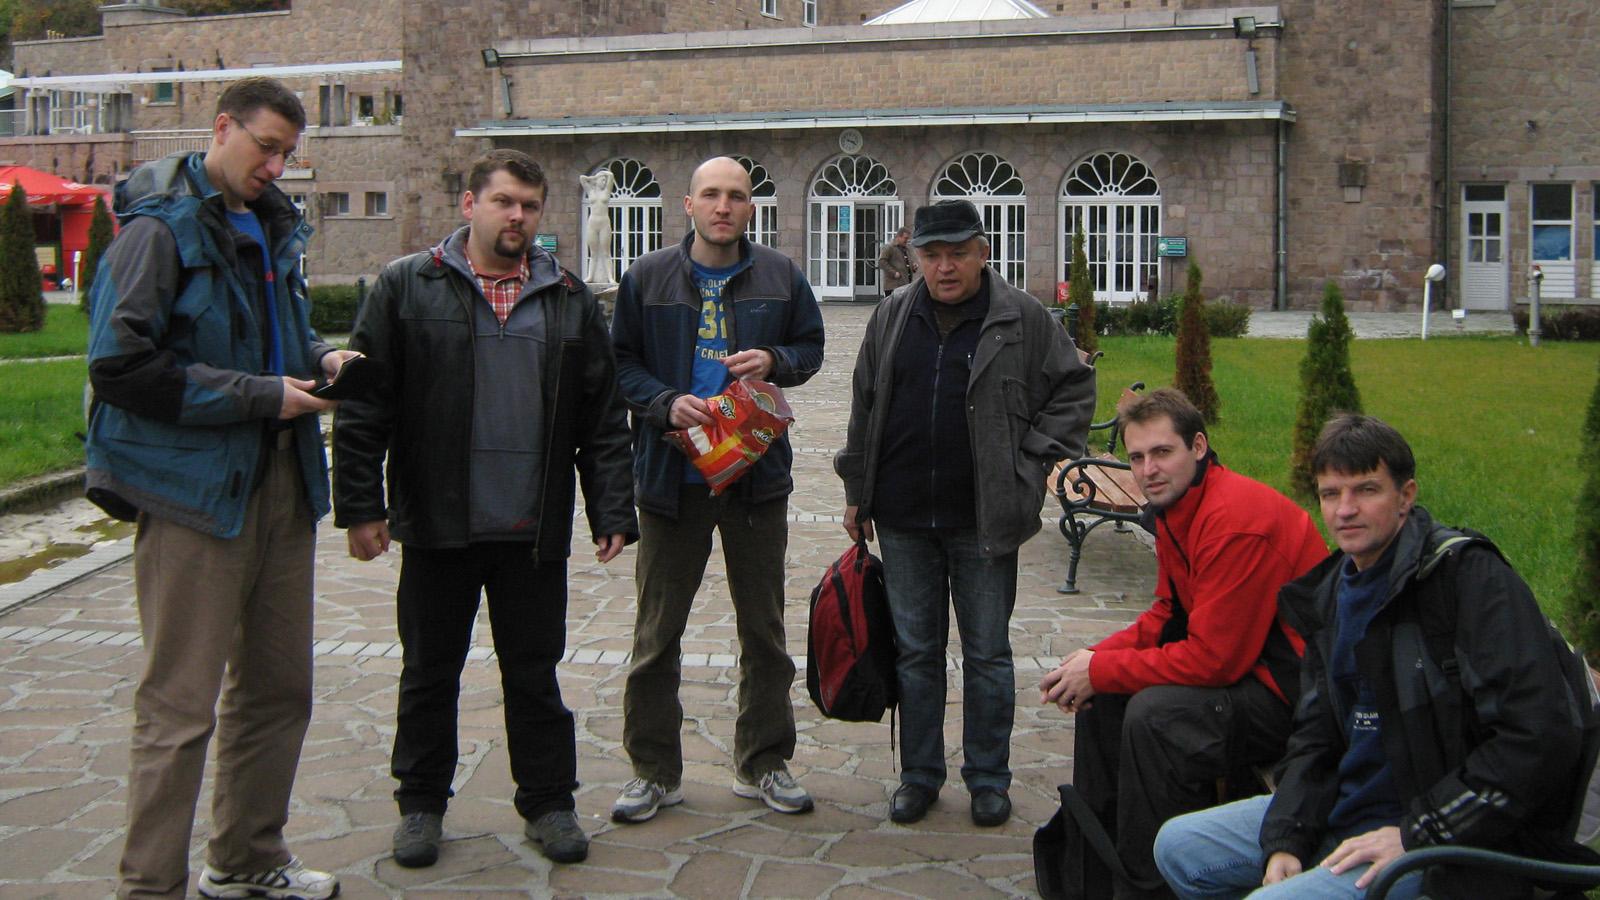 2010 Komunita saleziánov prechádza zmenami